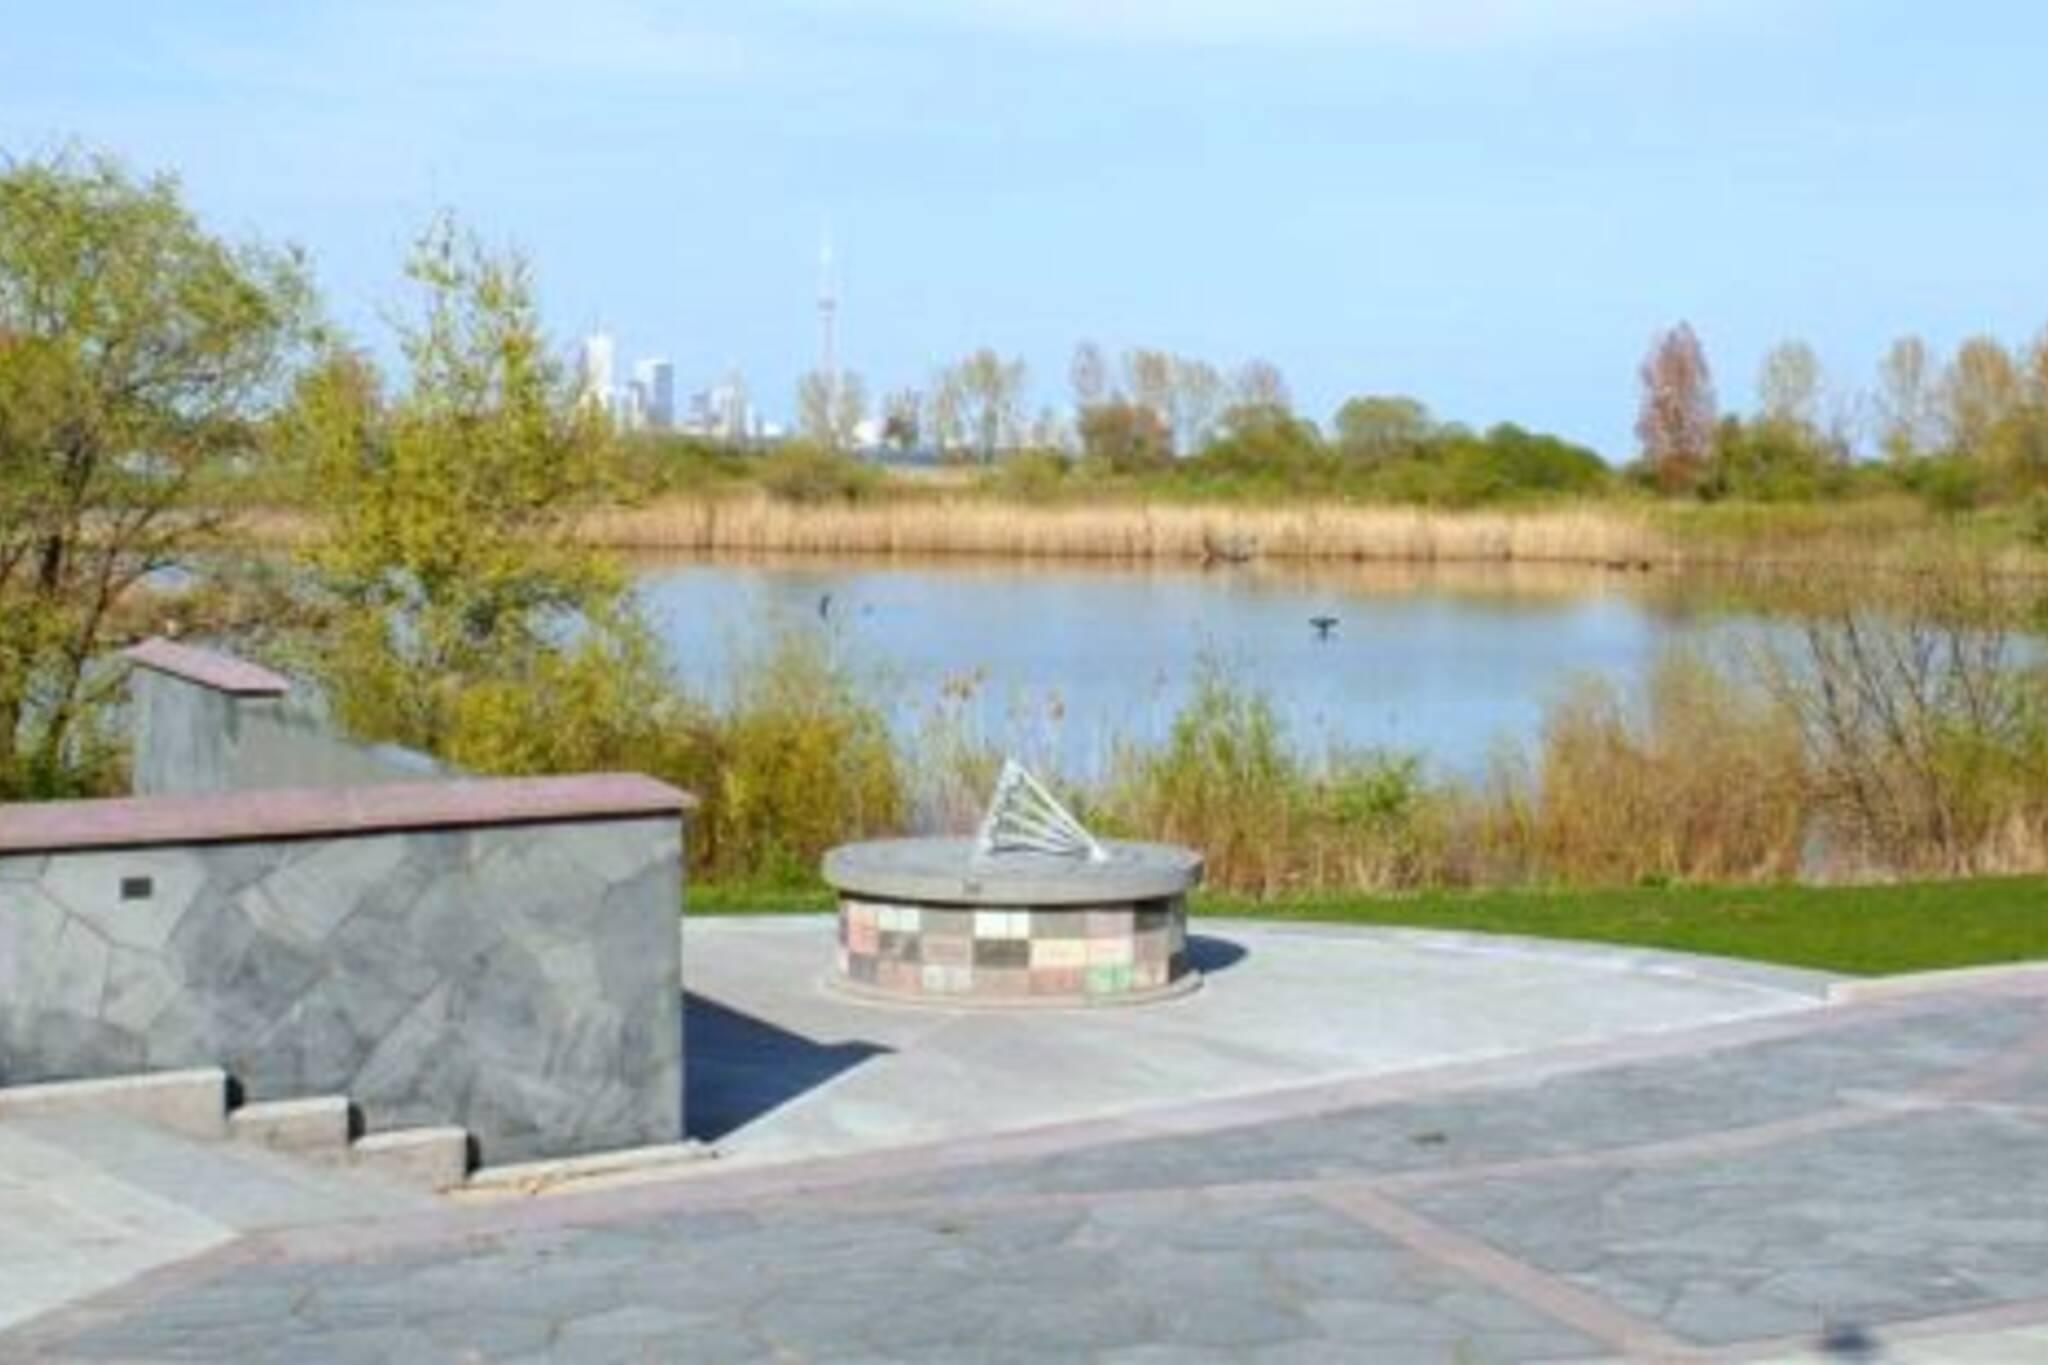 Air India Flight 182 memorial in Humber Bay Park